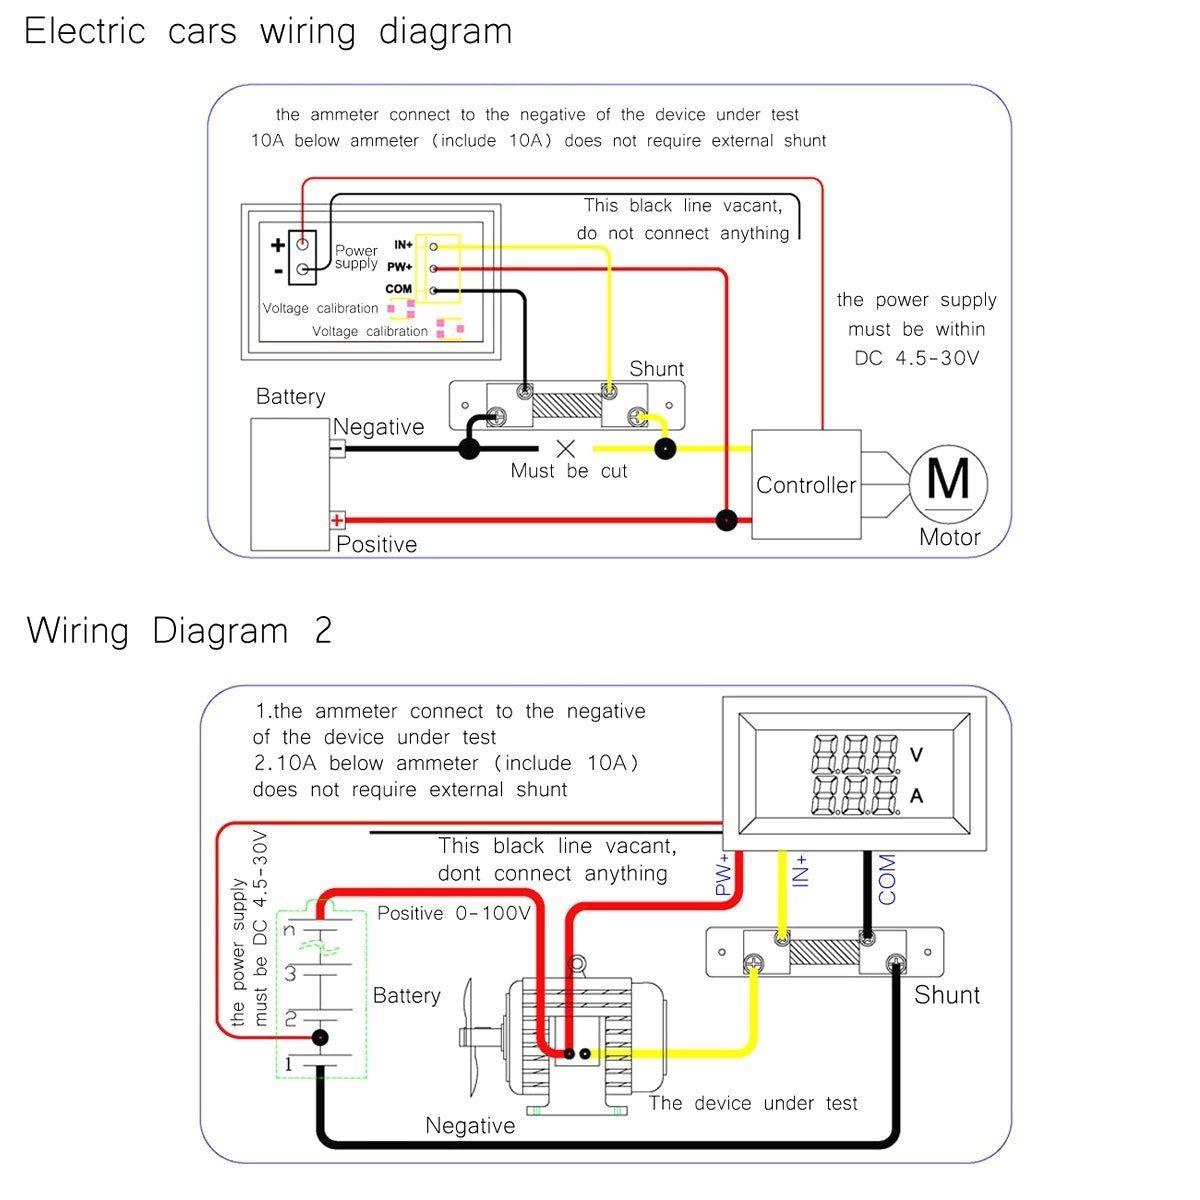 Stewmac Wiring Diagrams: Stewmac Wiring Diagrams - Wiring Diagram in Stewmac Wiring Diagrams rh:pinterest.com,Design